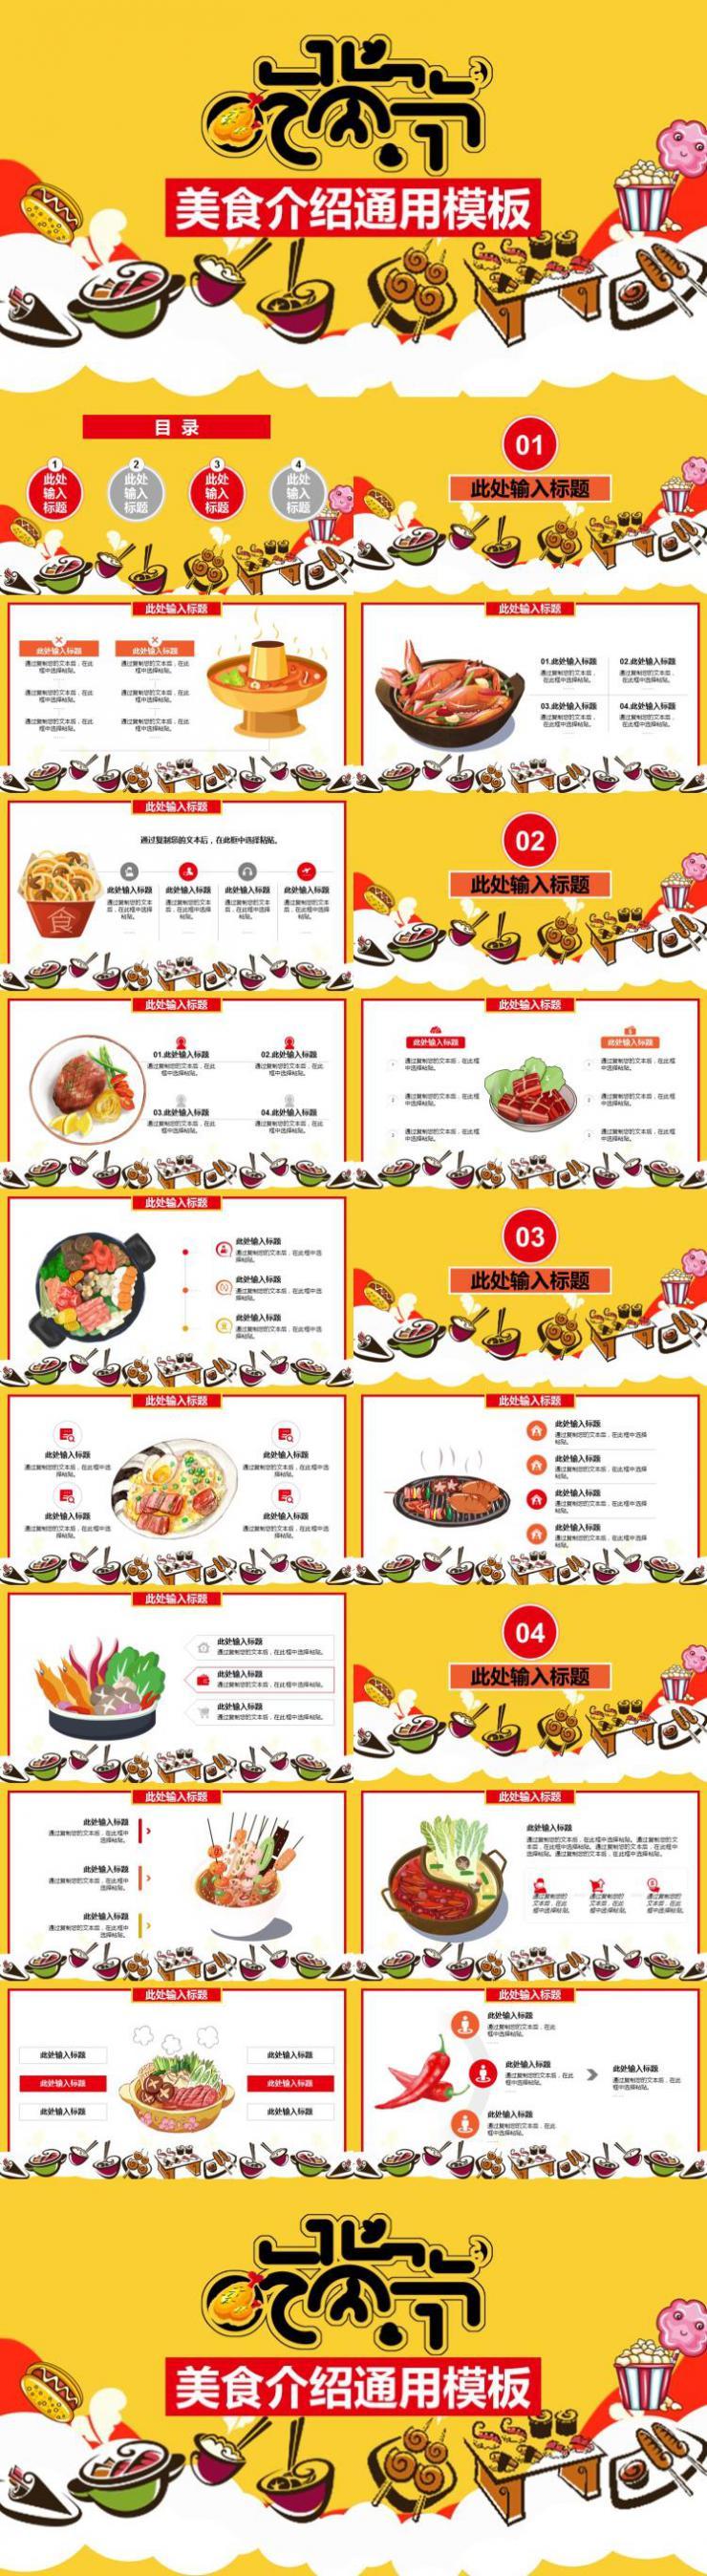 黄色卡通美食介绍通用PPT模板